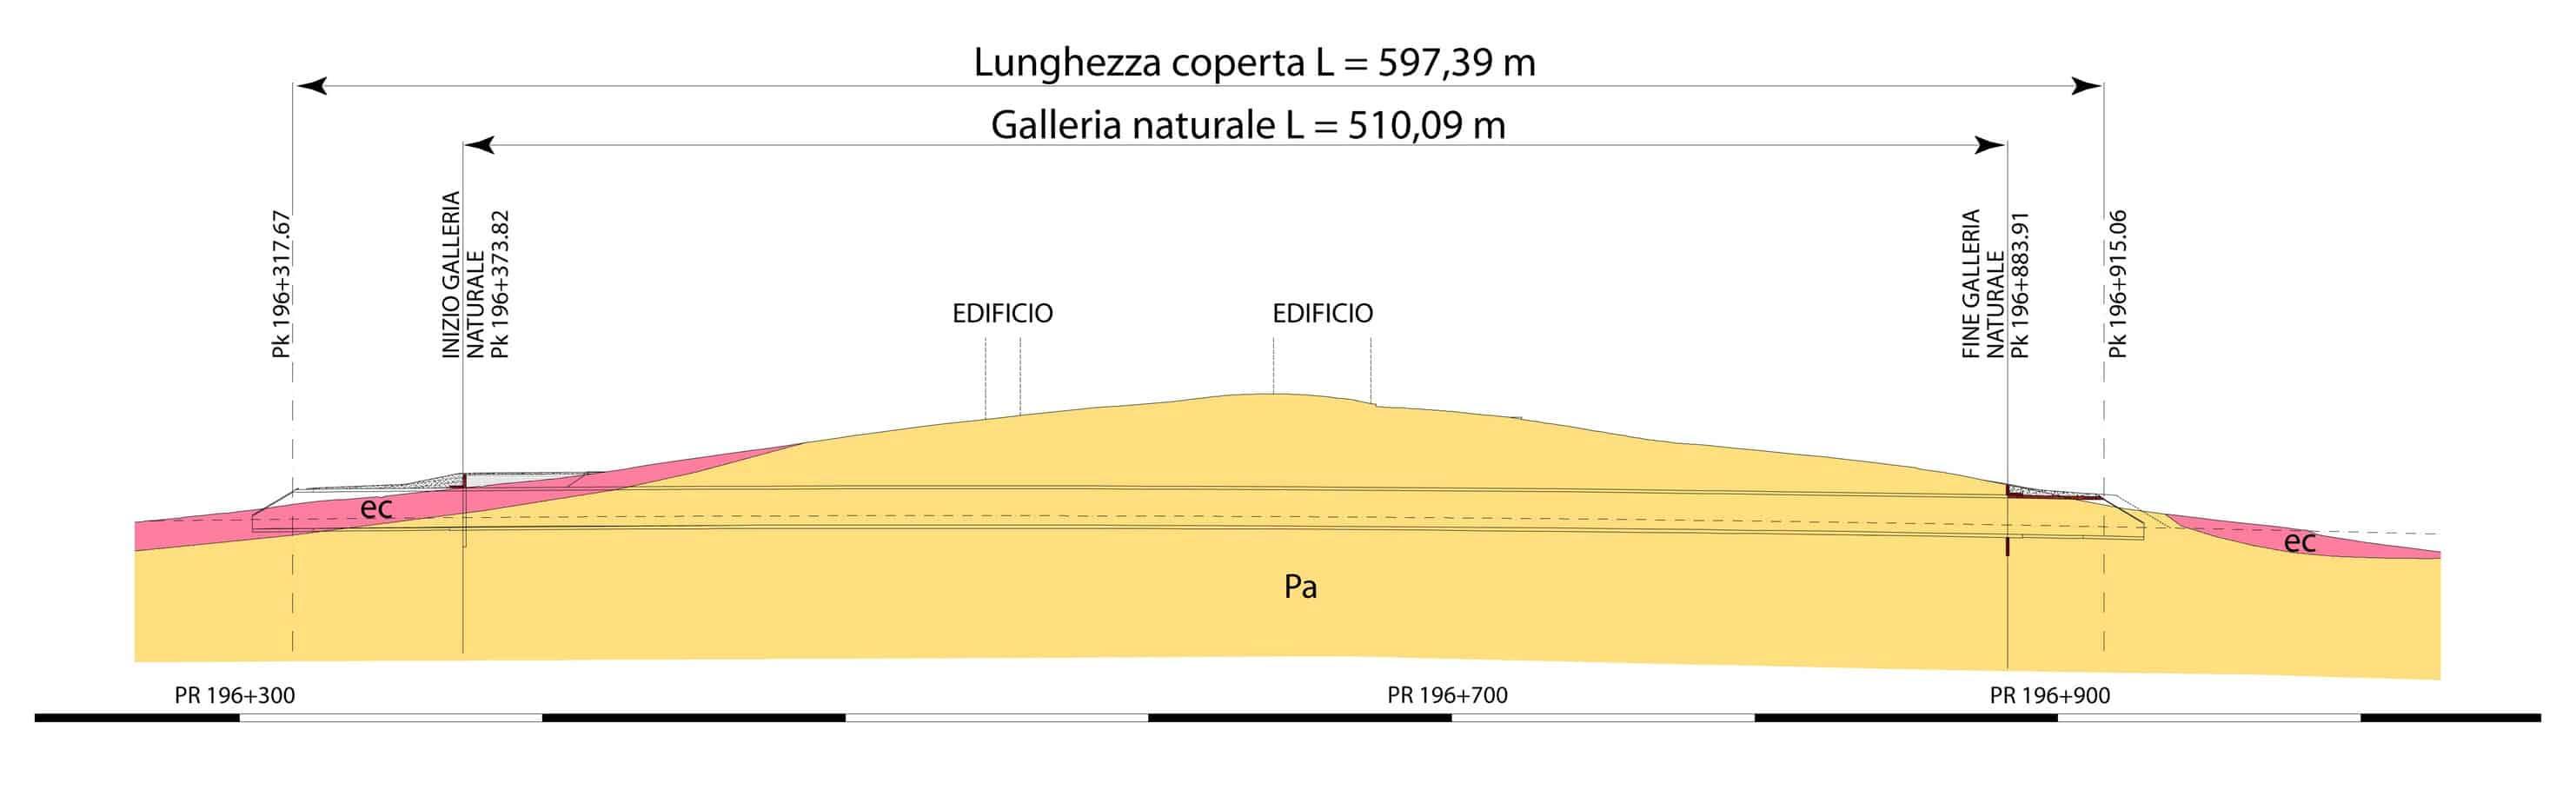 Il profilo geologico di Progetto Esecutivo